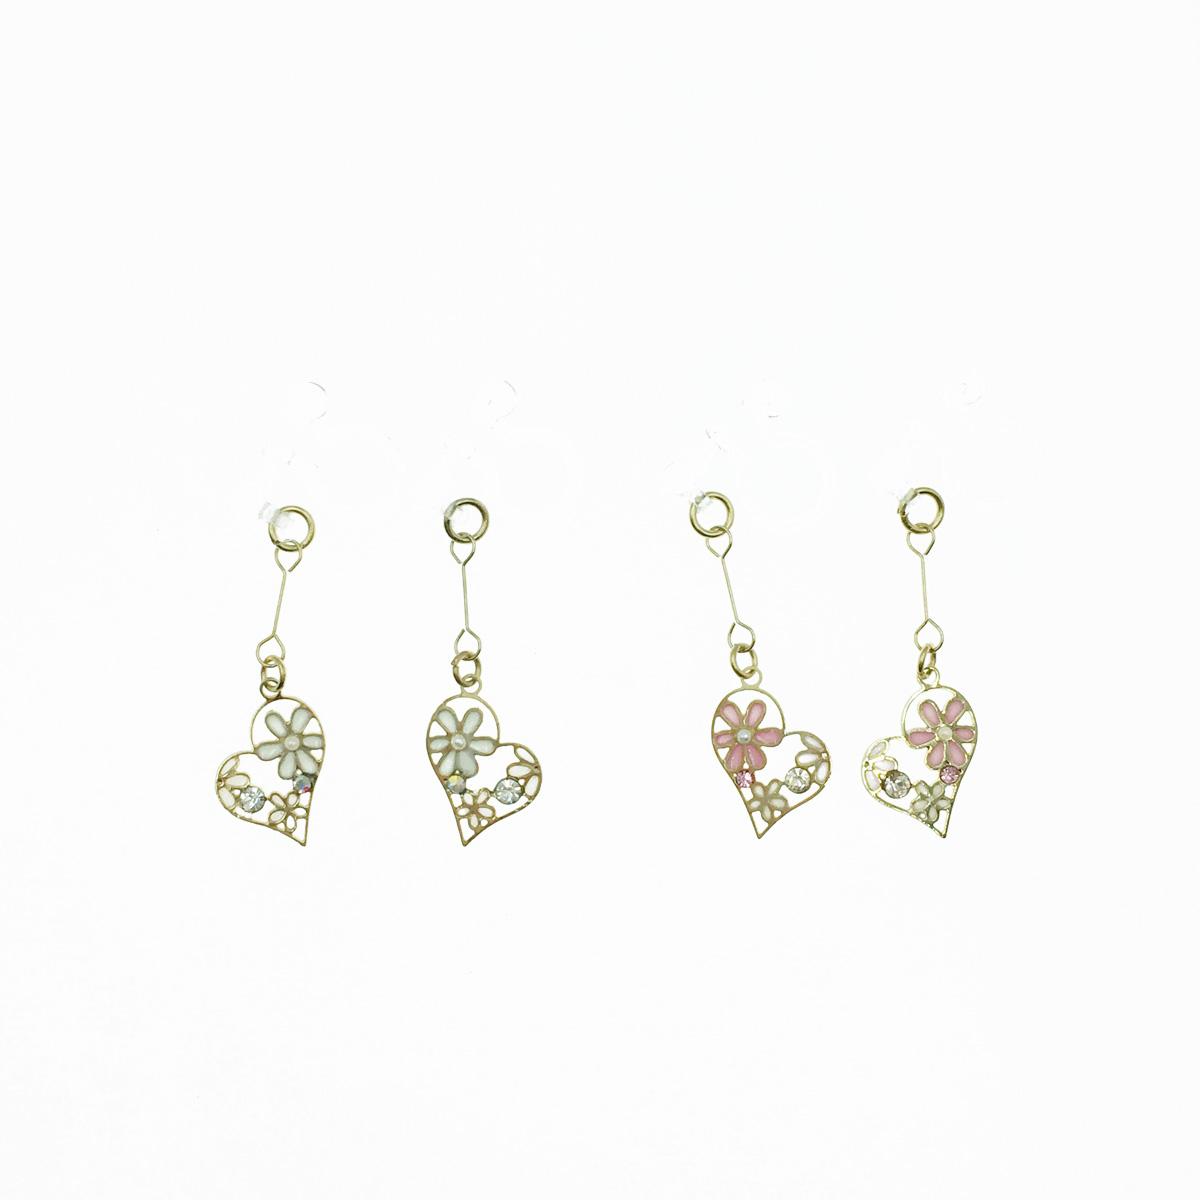 韓國 愛心 簍空 水鑽 小花 珍珠 甜美款 2色 垂墜感 夾式耳環